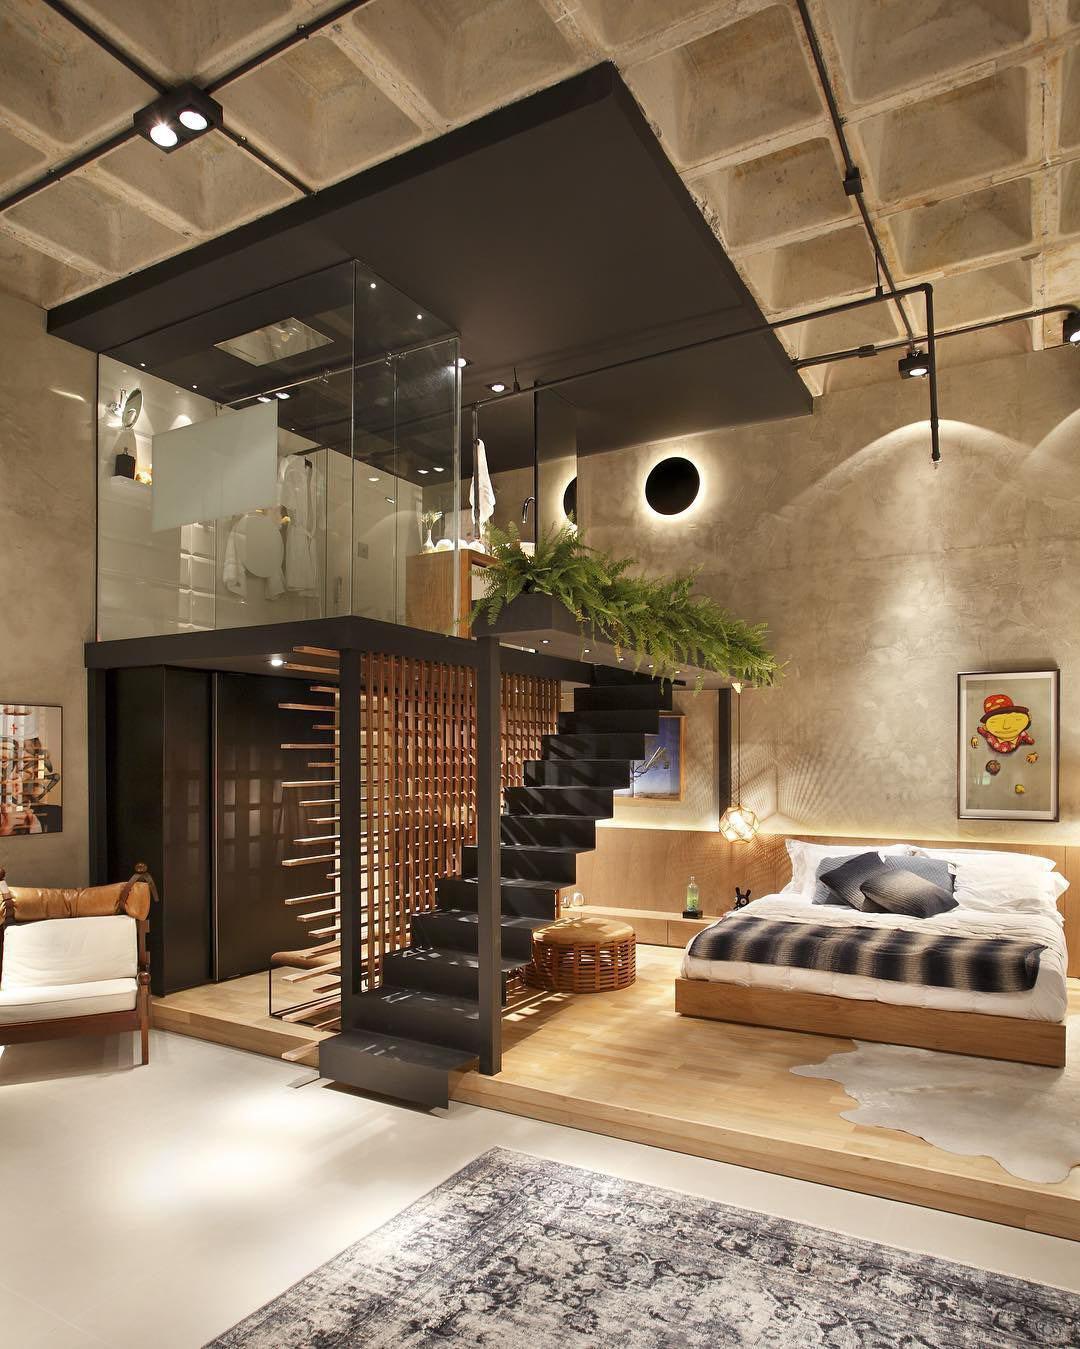 Unique Modern Loft Apartment With Elevated Glass Bathroom Idesignarch Interior Design Architecture Interior Decorating Emagazine